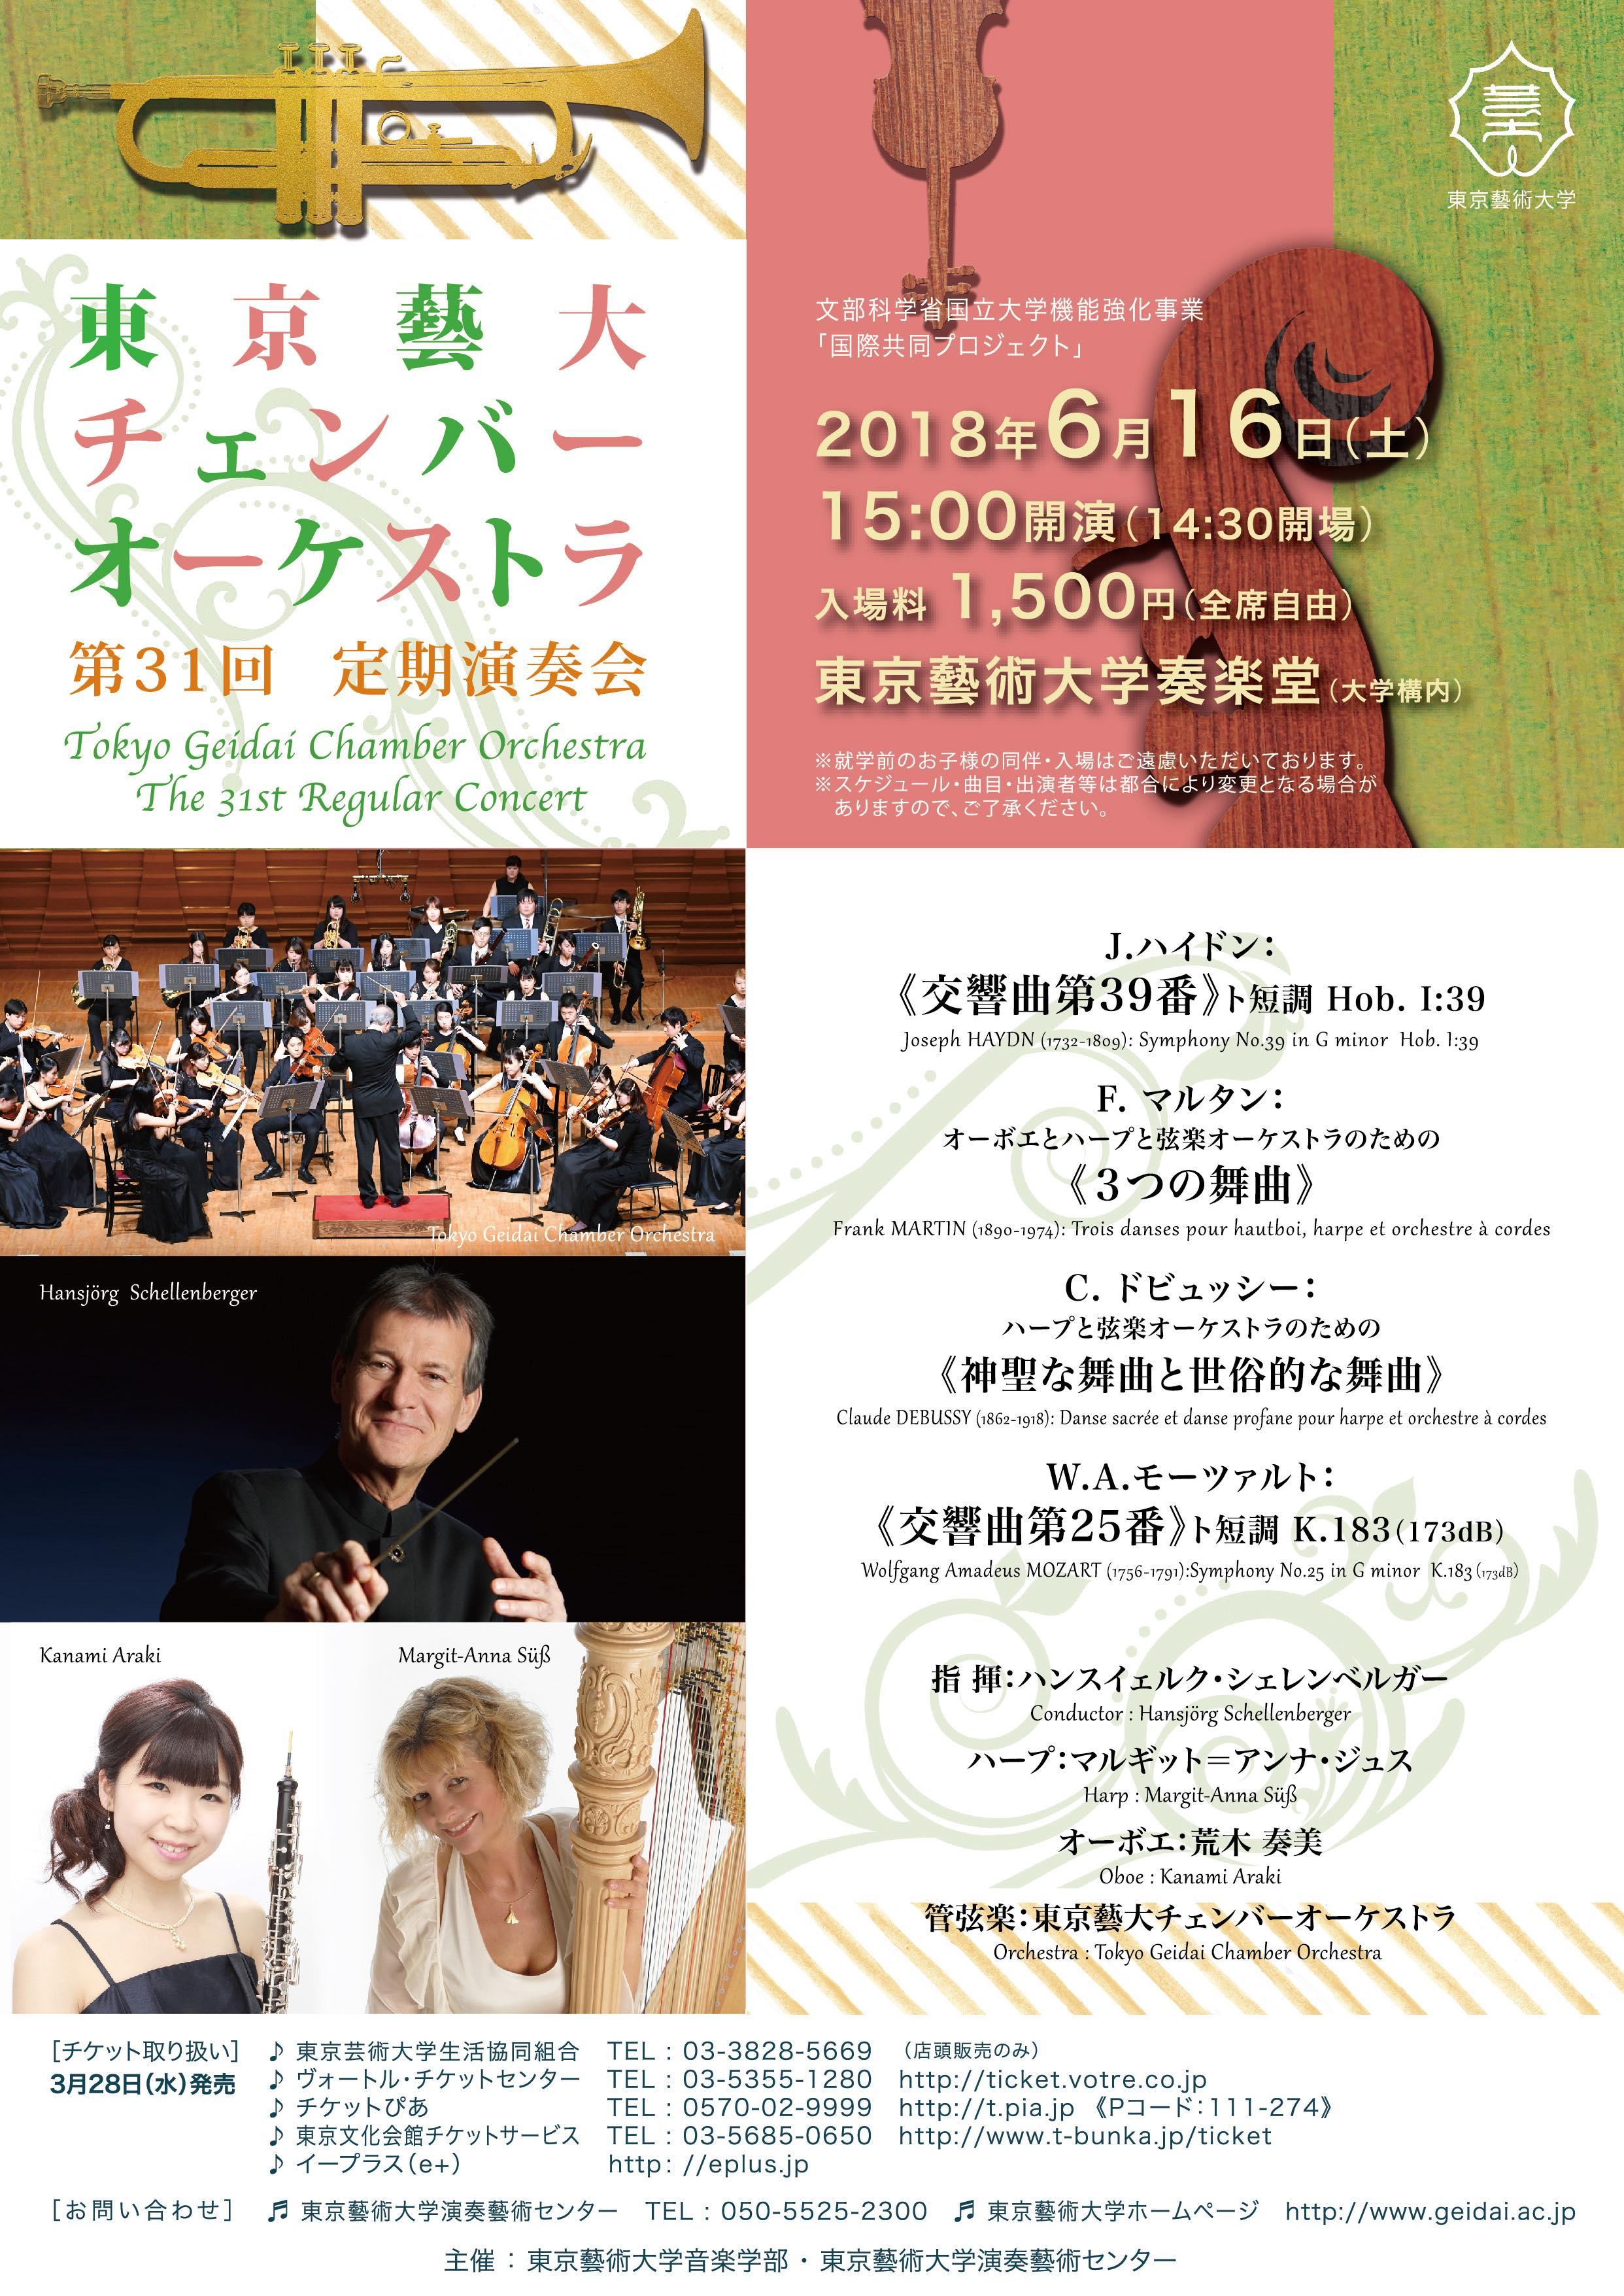 東京藝大チェンバーオーケストラ 第31回定期演奏会